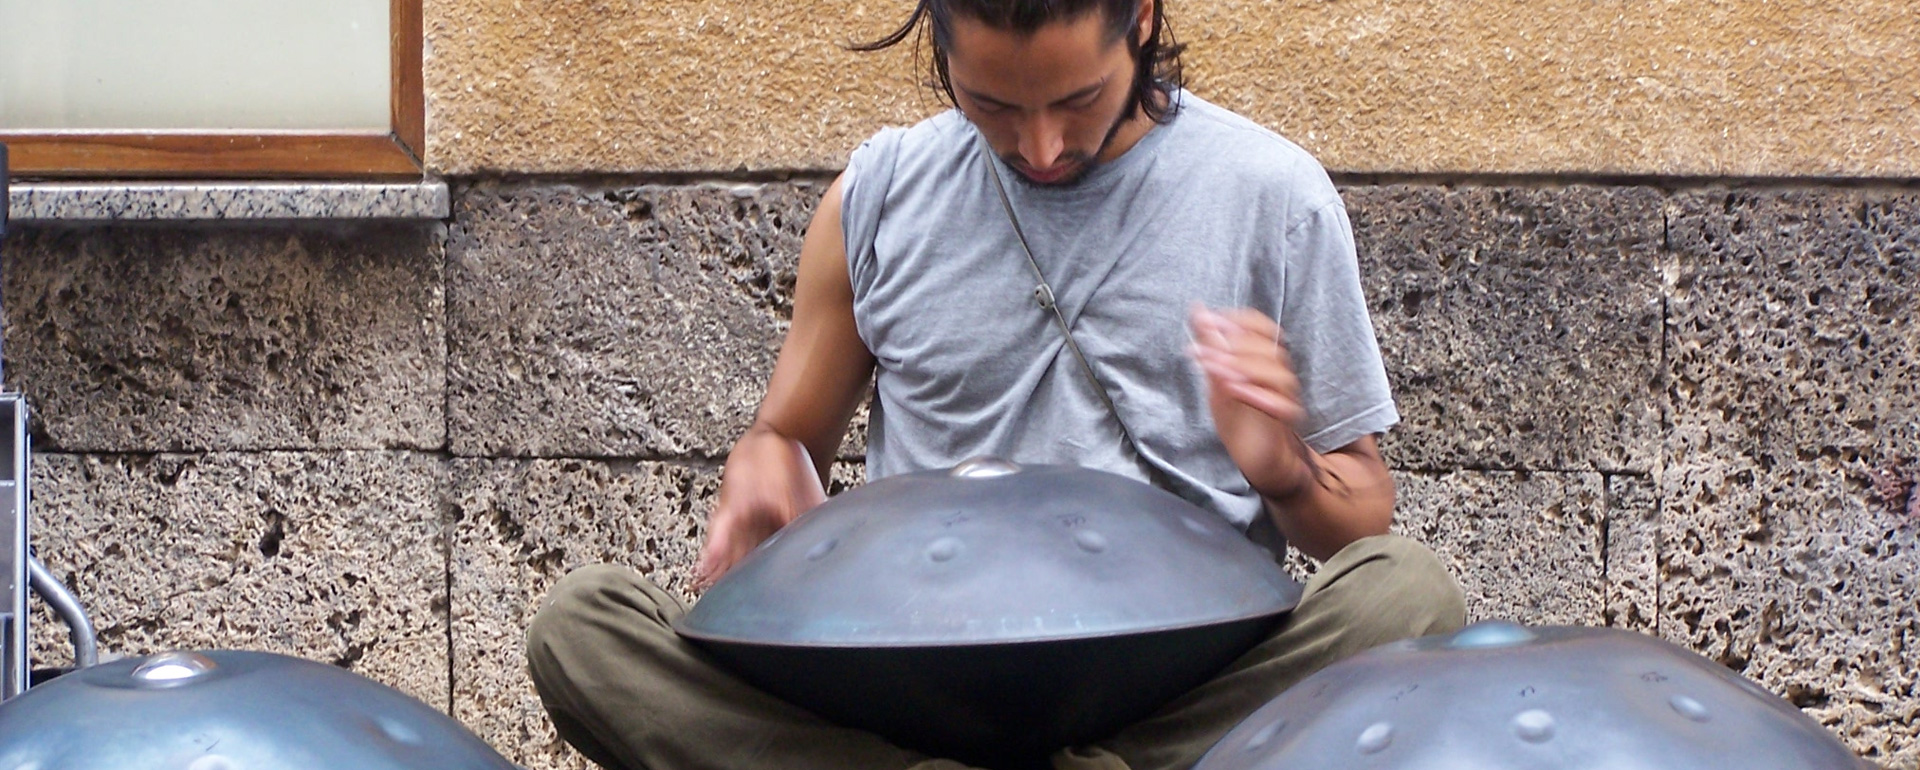 tocando el handpan hangdrum en la calle